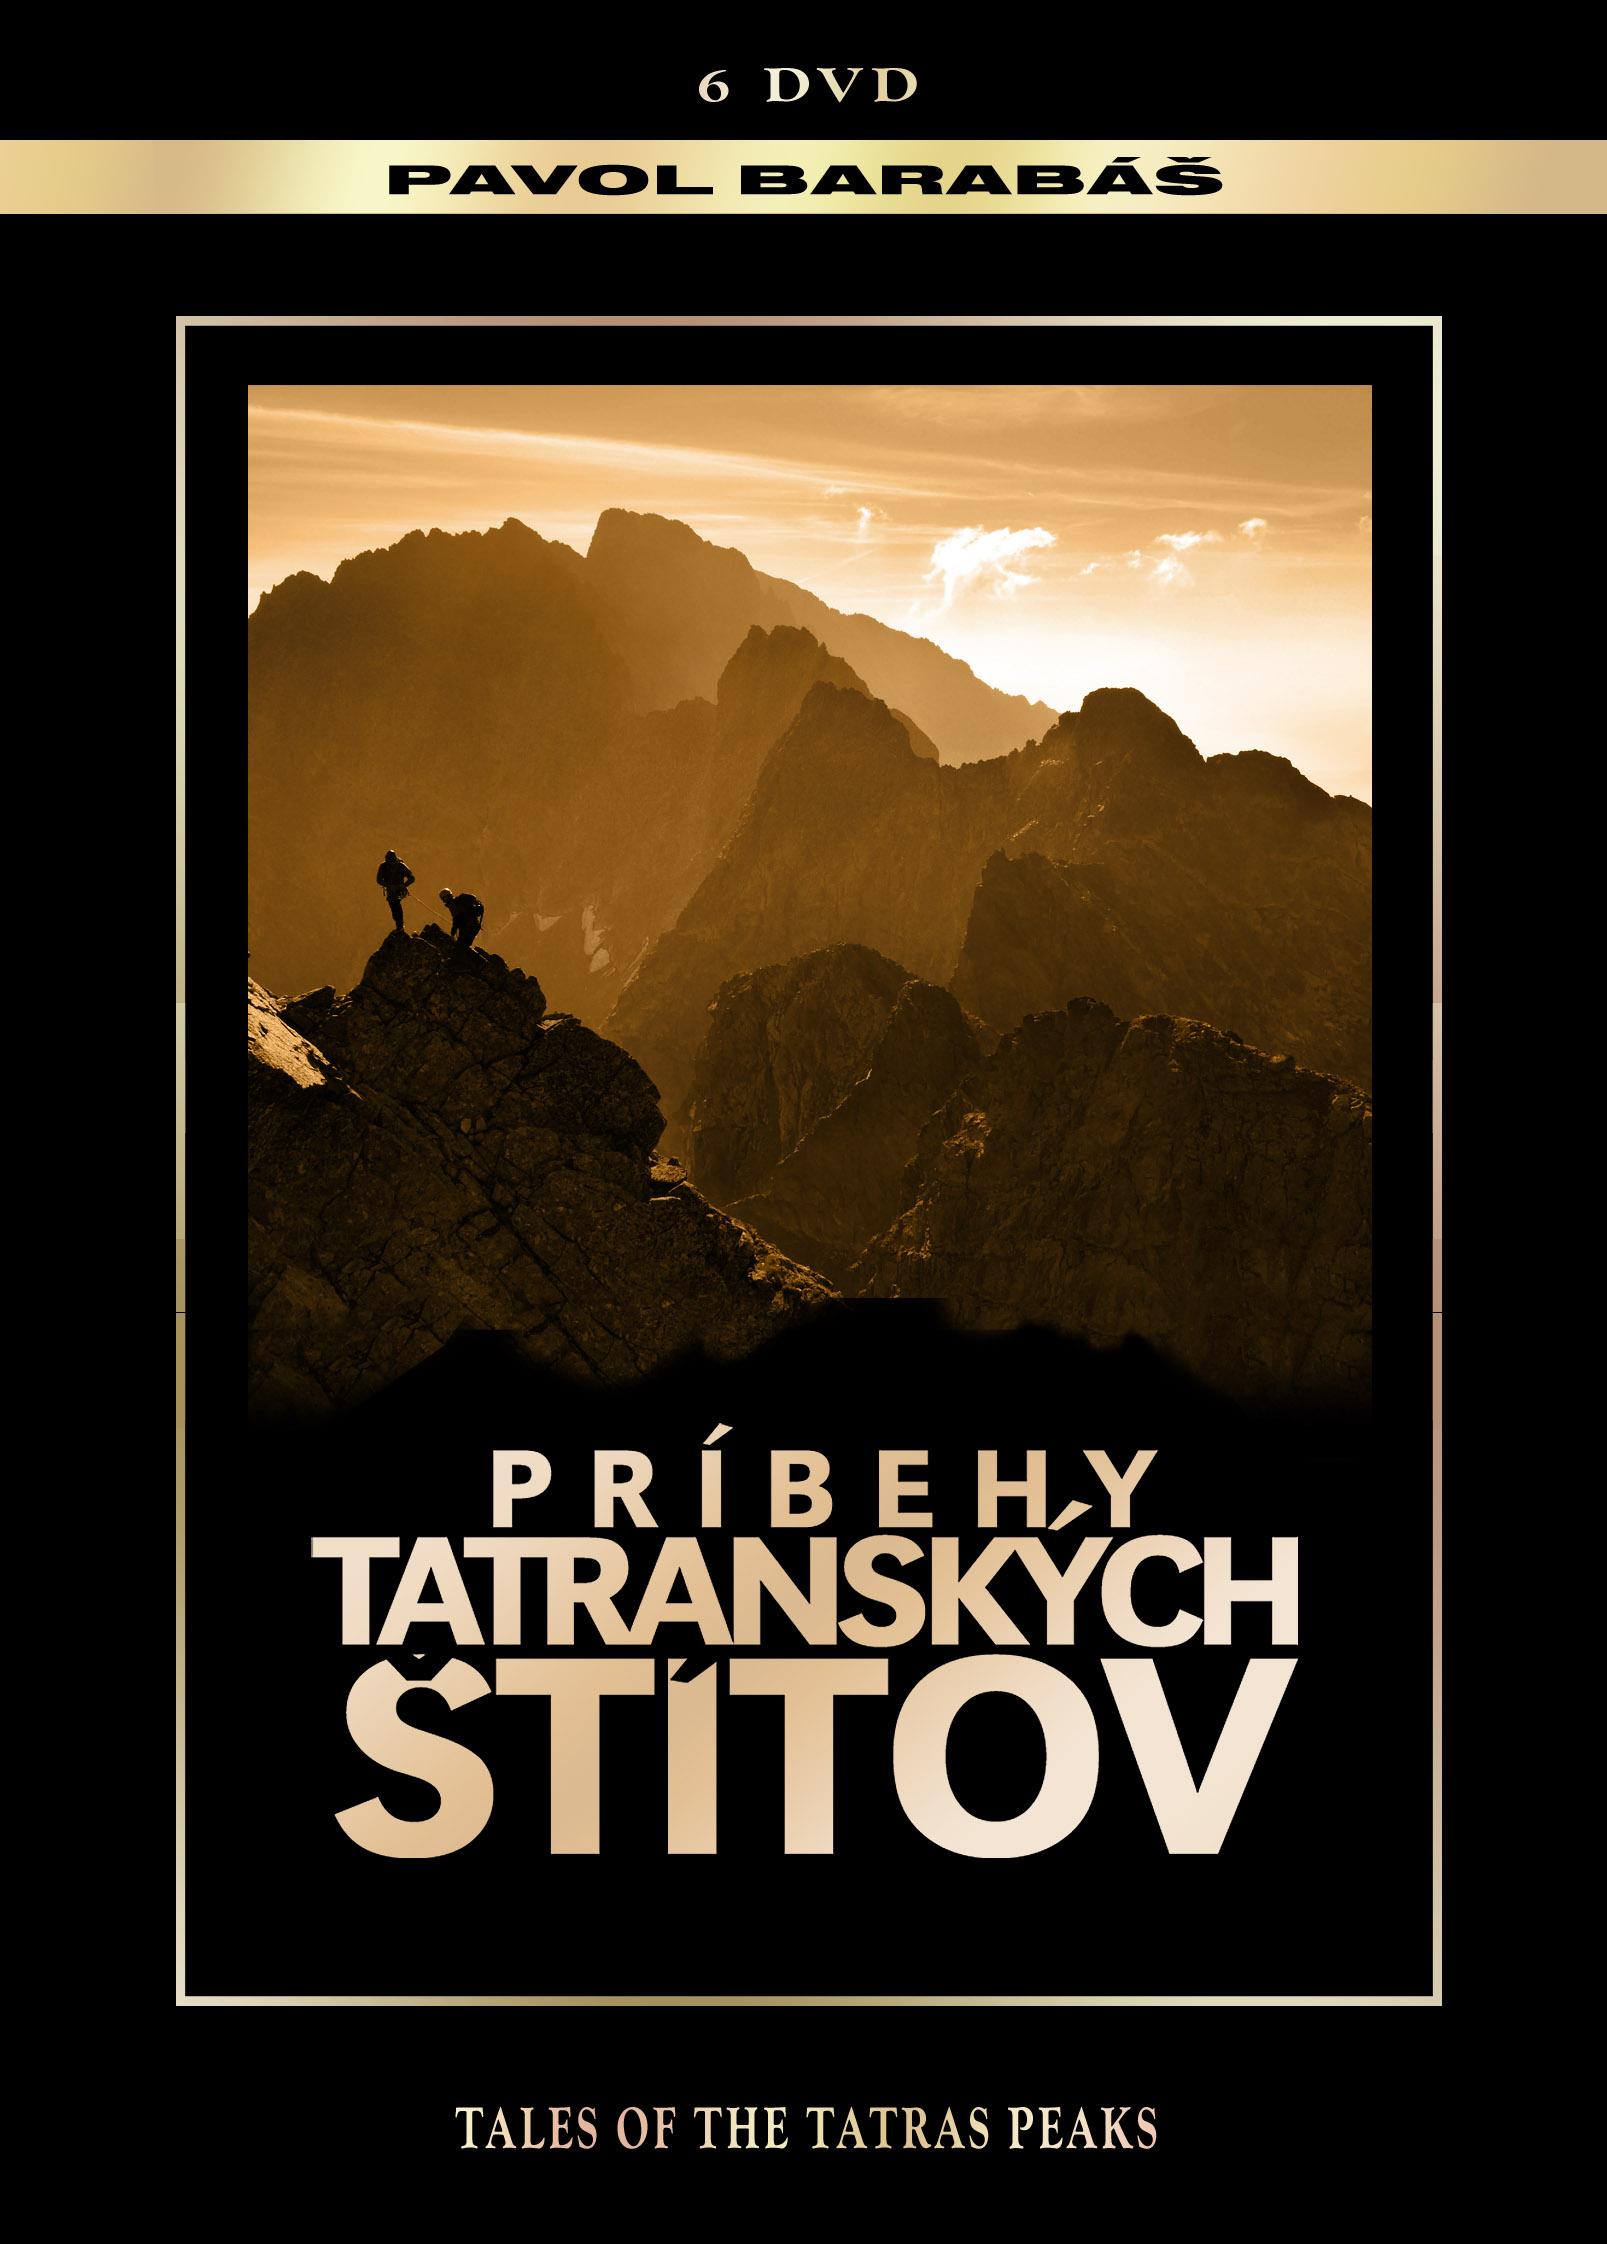 Príbehy tatranských štítov (kolecia 6 DVD)